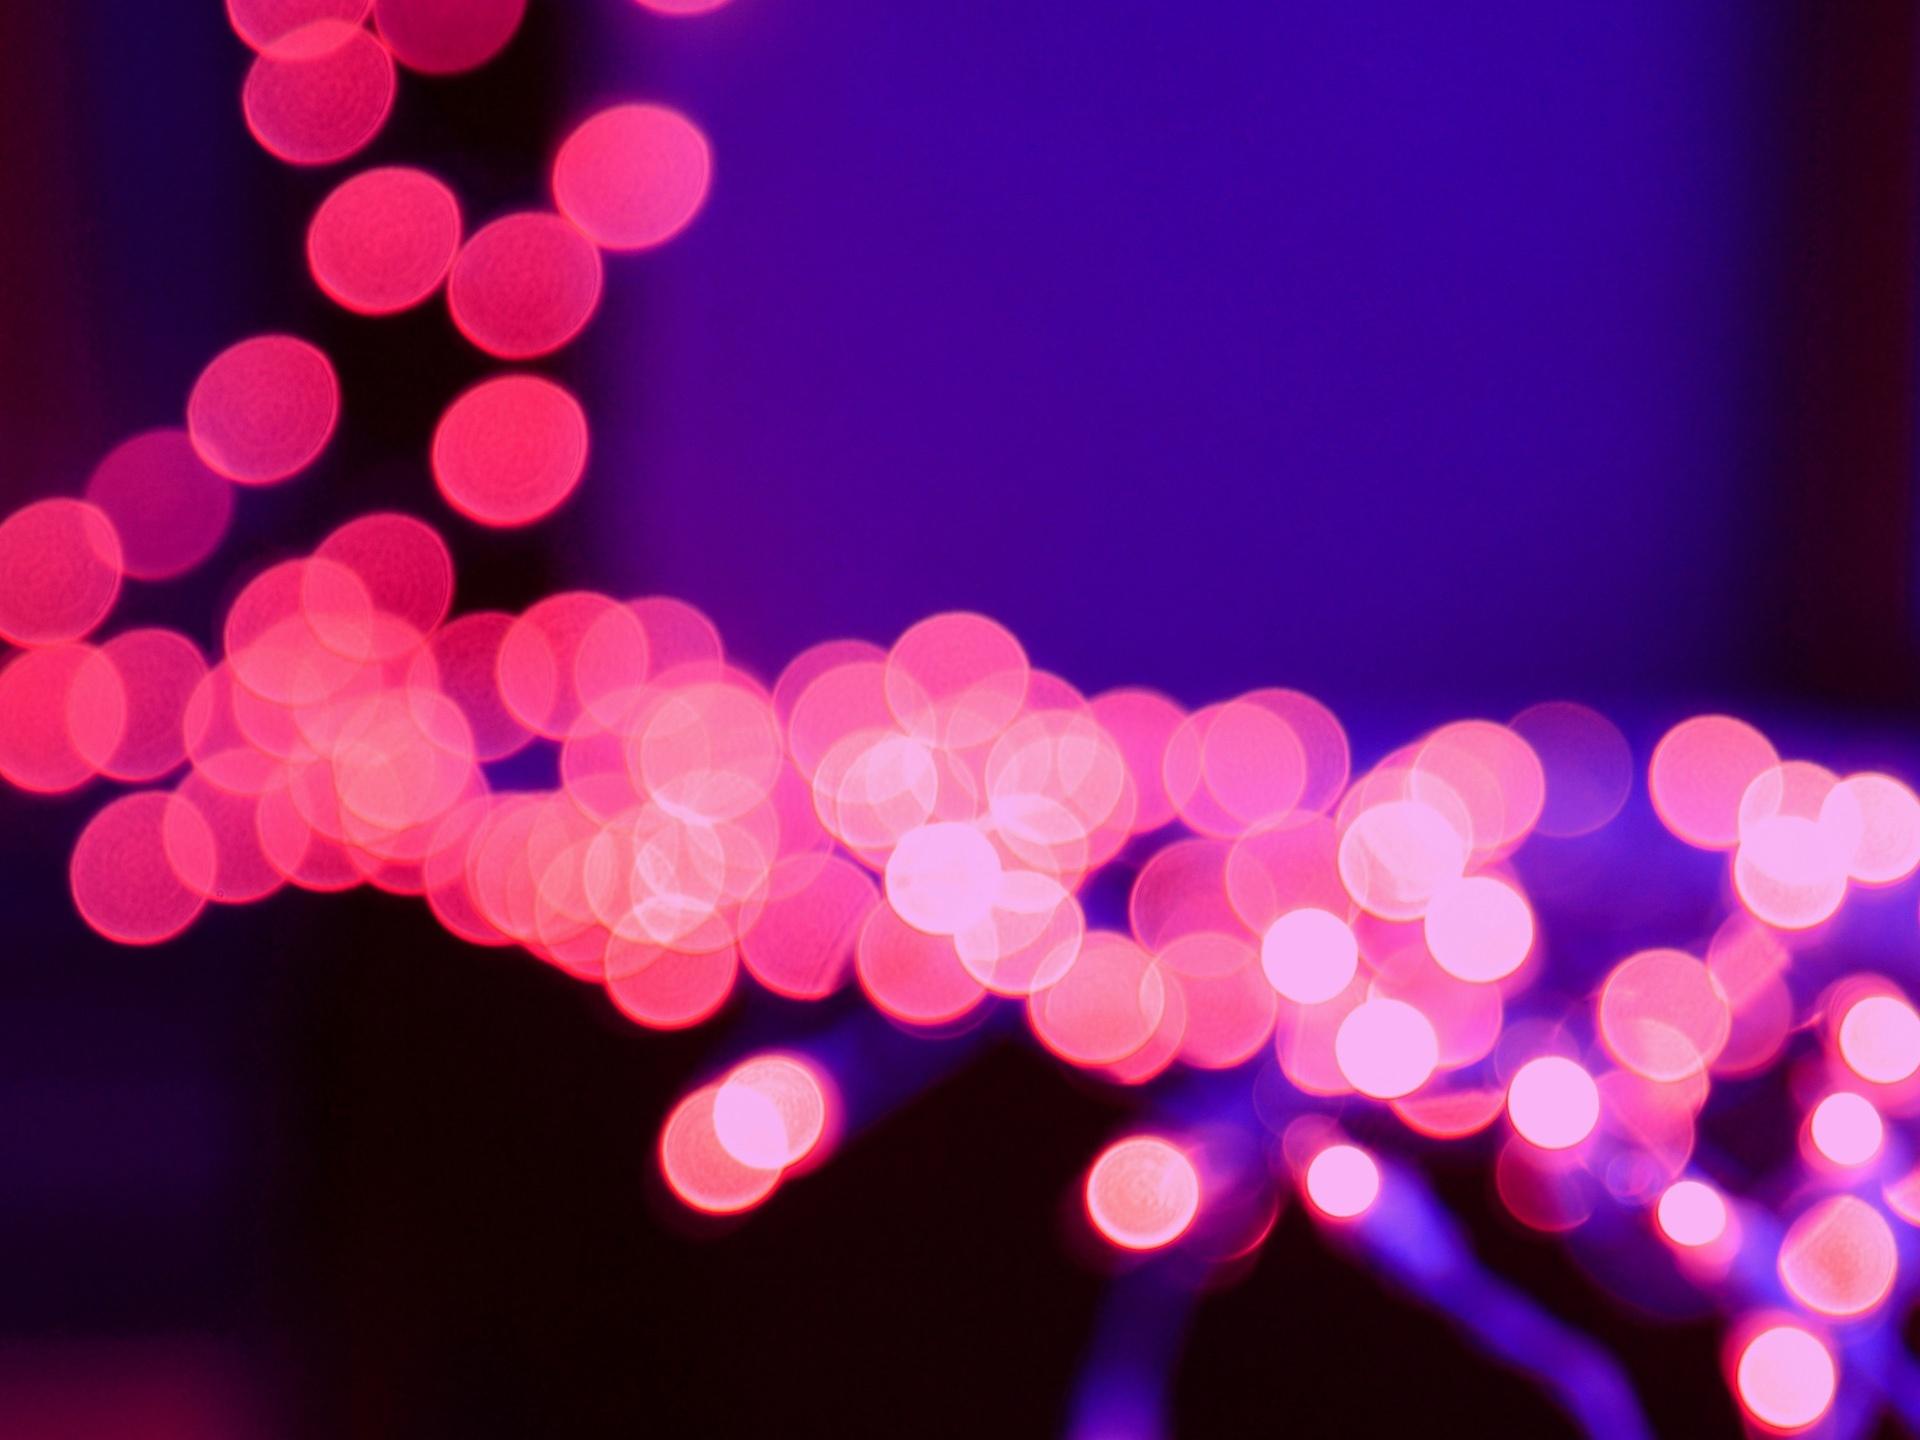 Dancing Christmas Lights For Sale